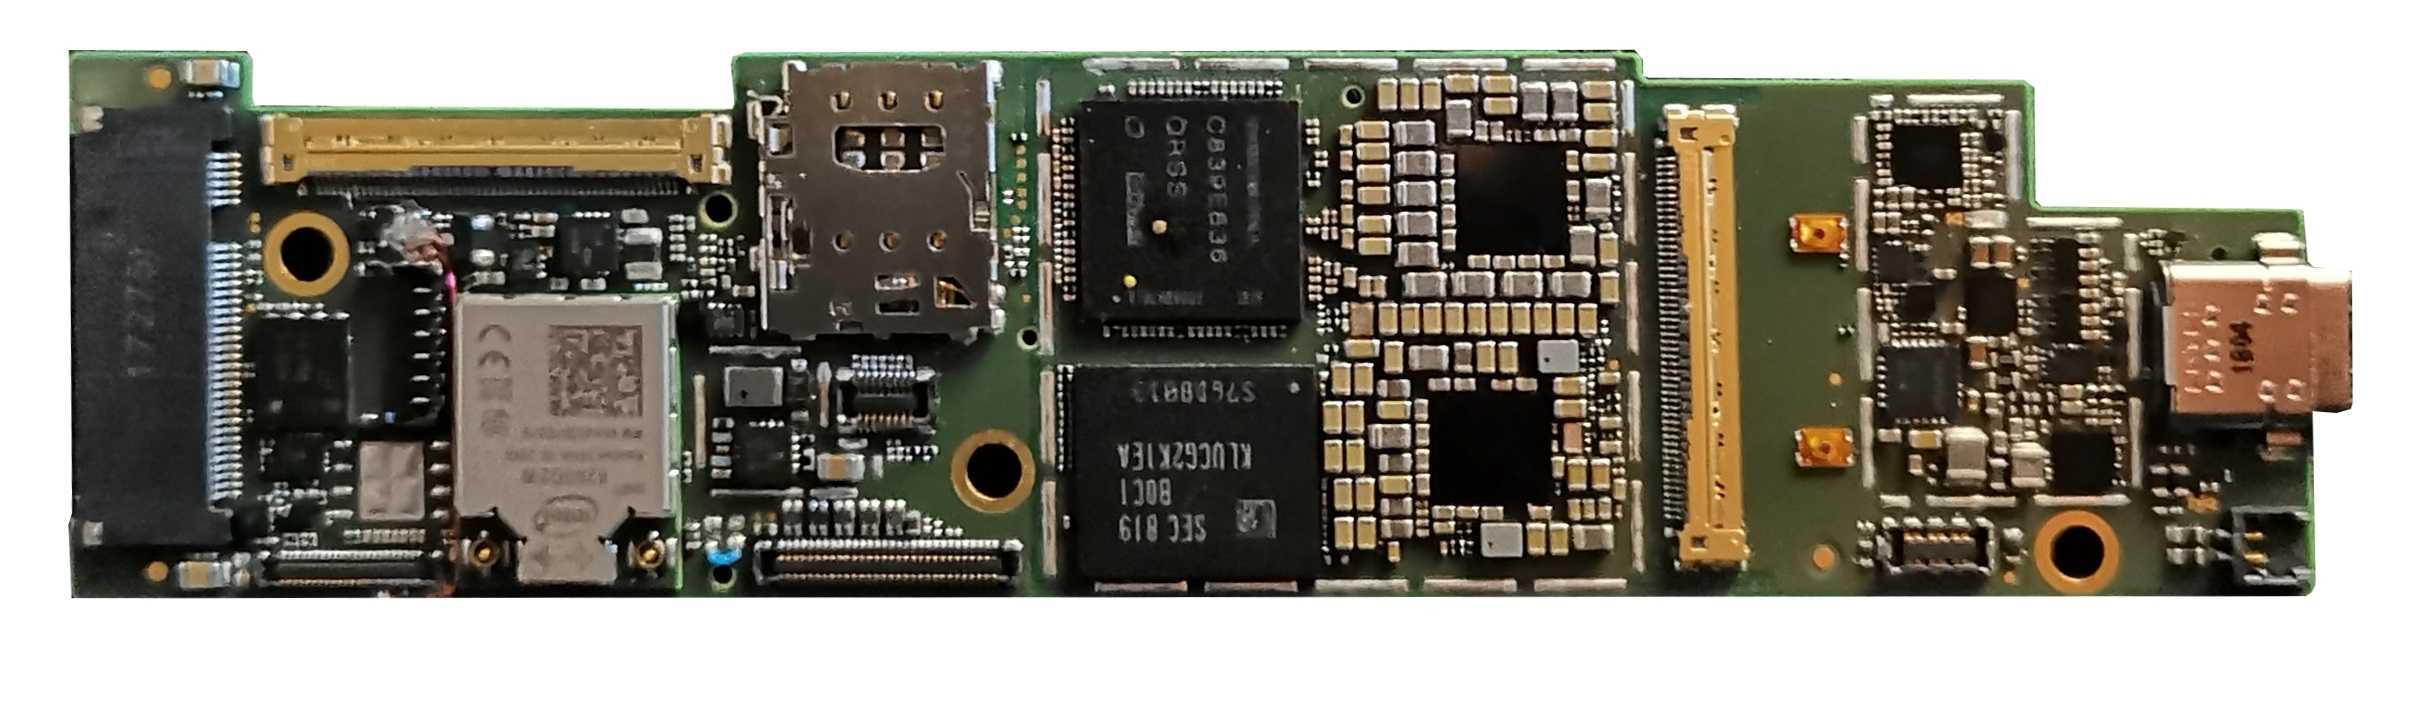 Die gesamte Lakefield-Hauptplatine ist kaum größer als eine M.2-SSD: